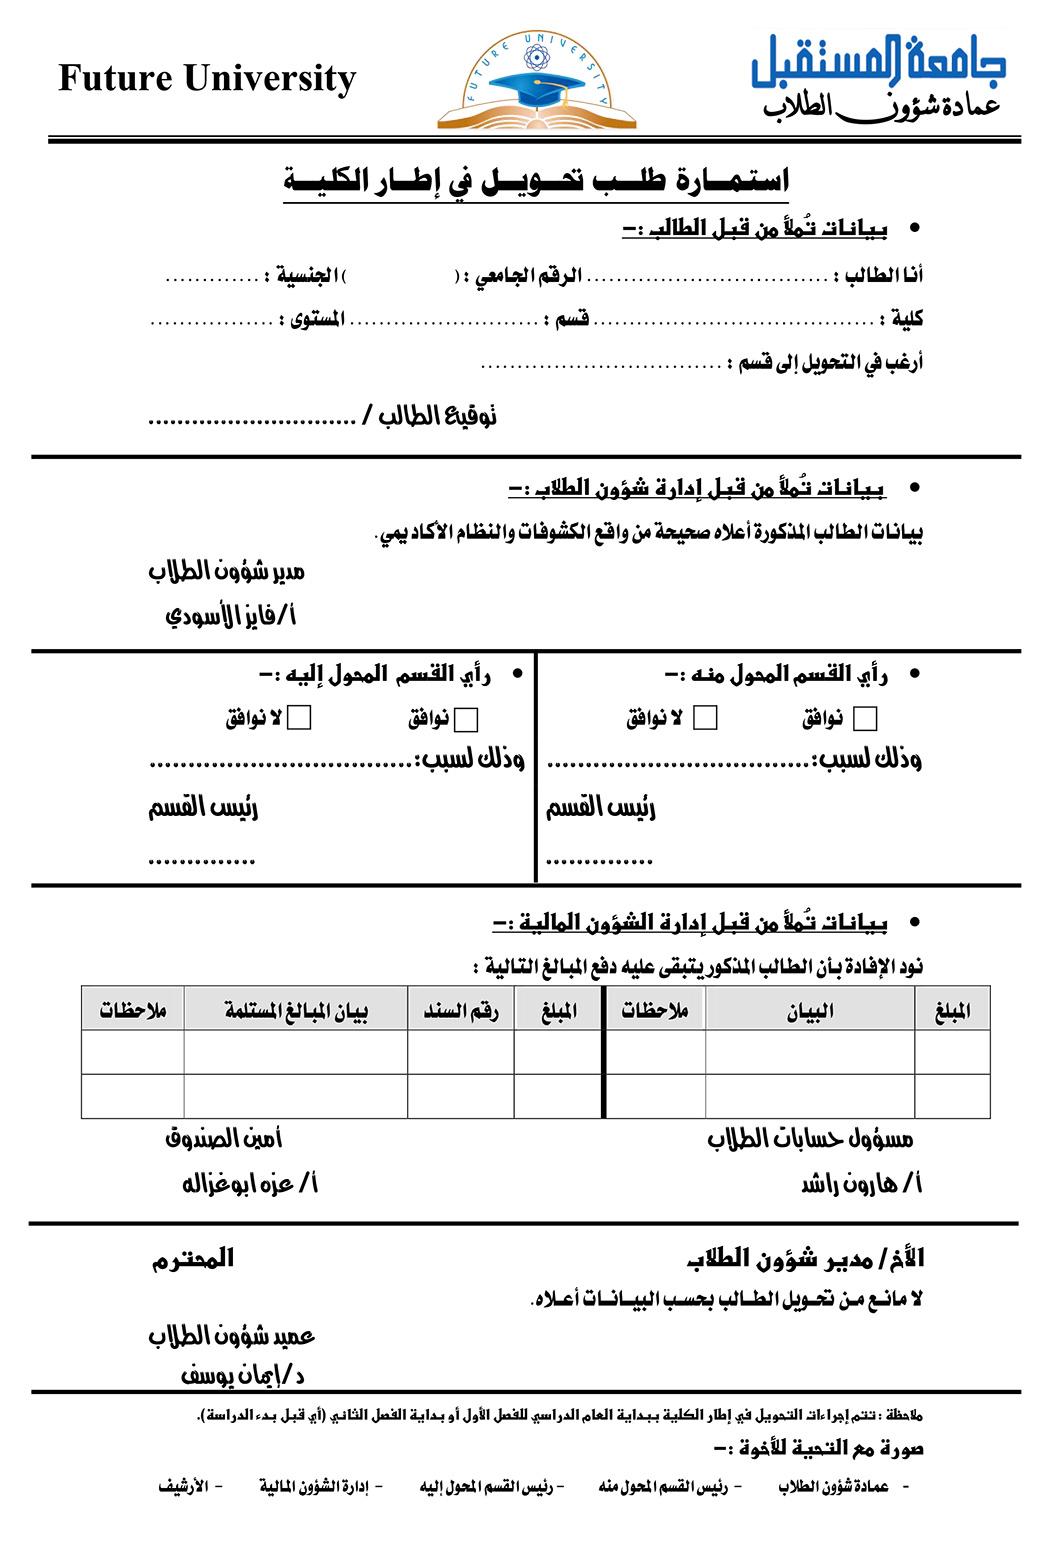 الأخصائي الاجتماعي نموذج استمارة دراسة حالة اجتماعية